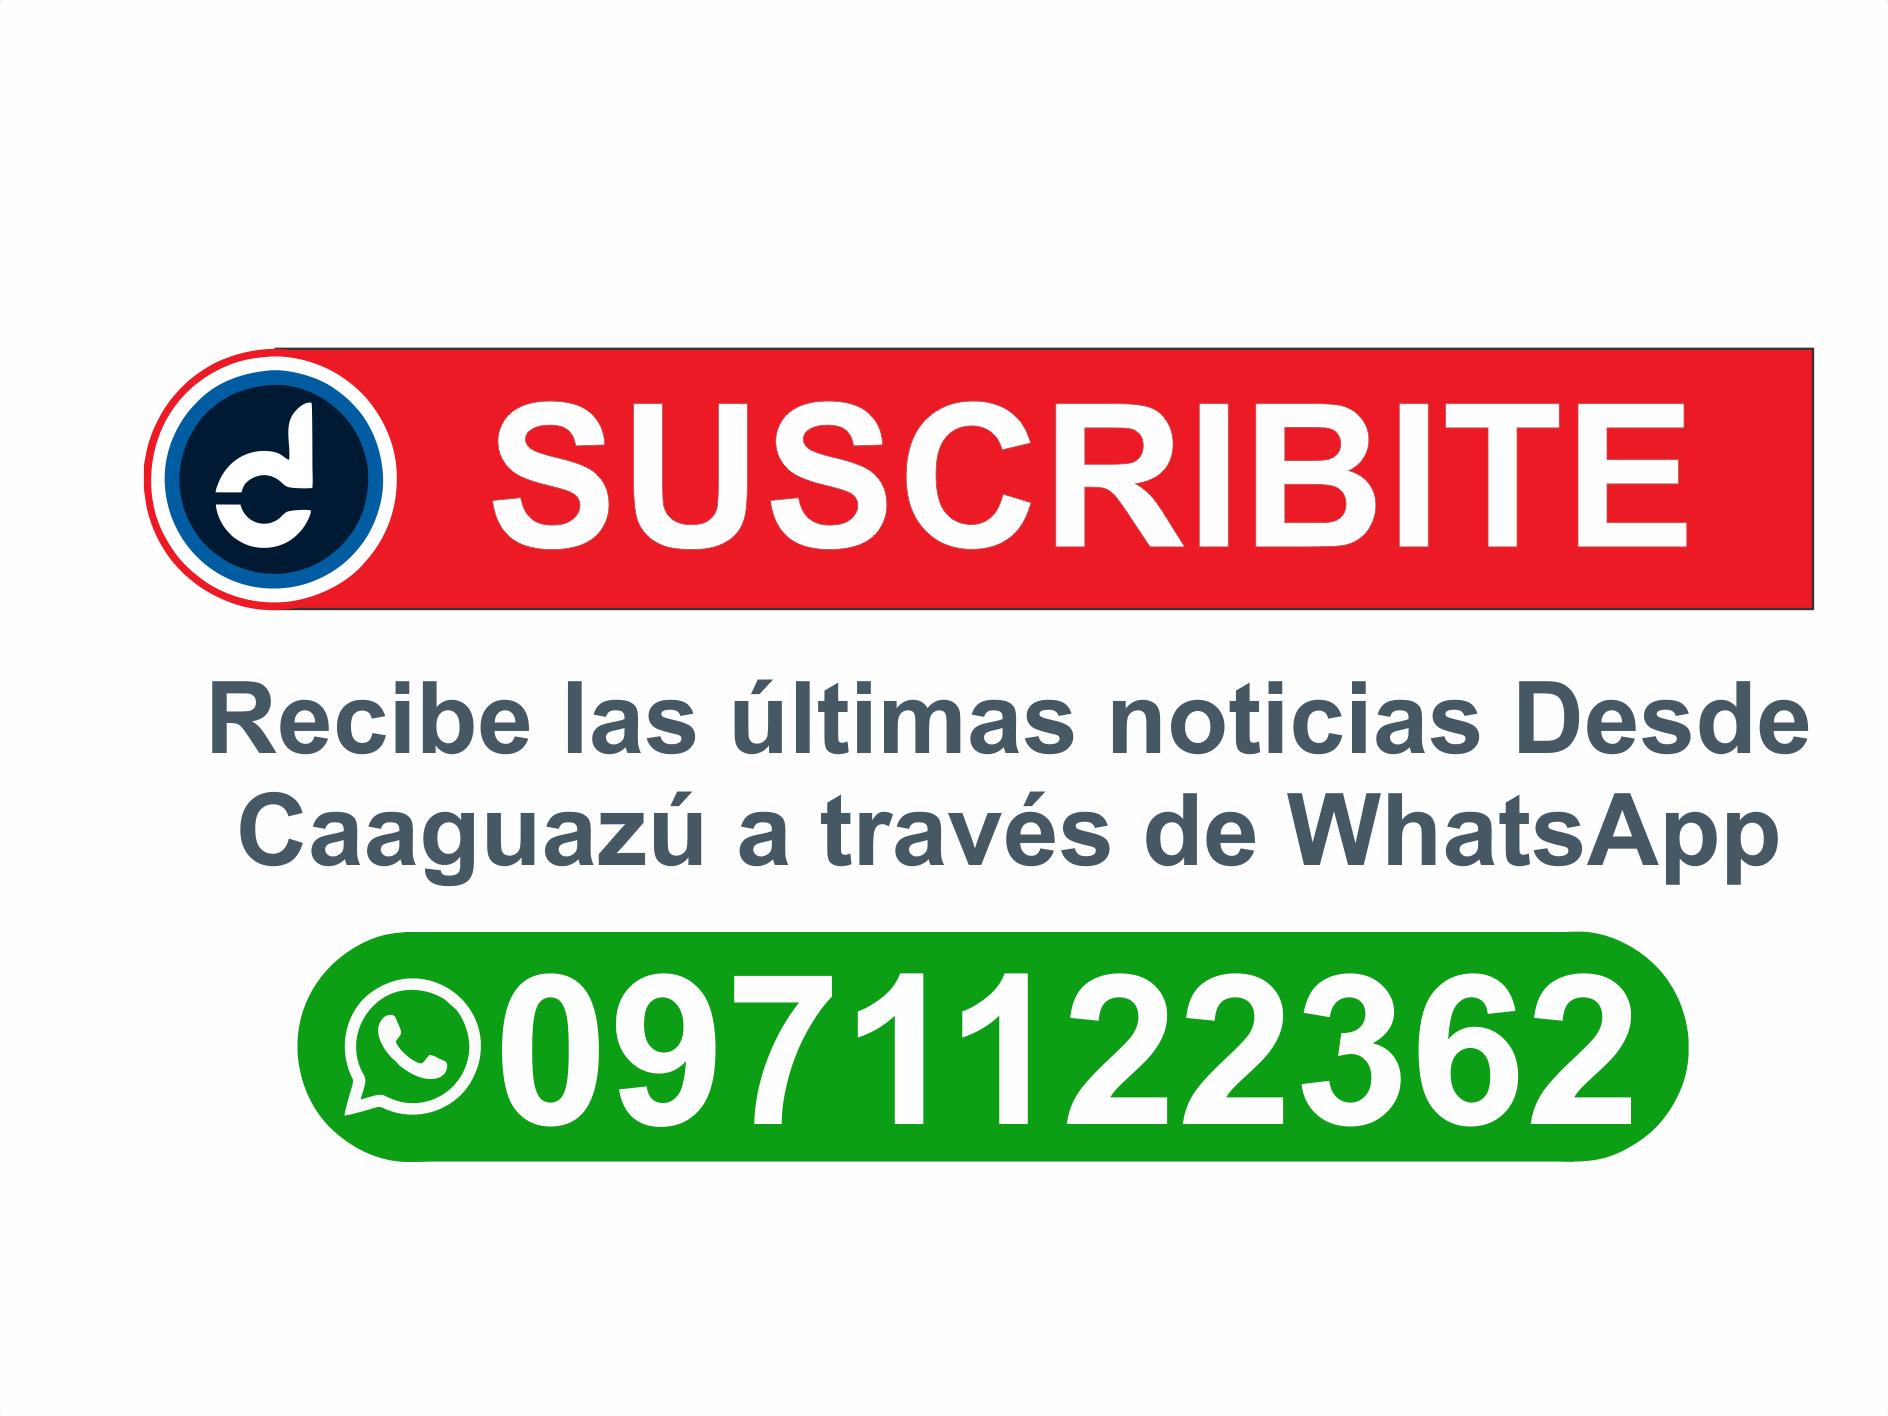 Recibe las últimas noticias Desde Caaguazú a través de WhatsApp